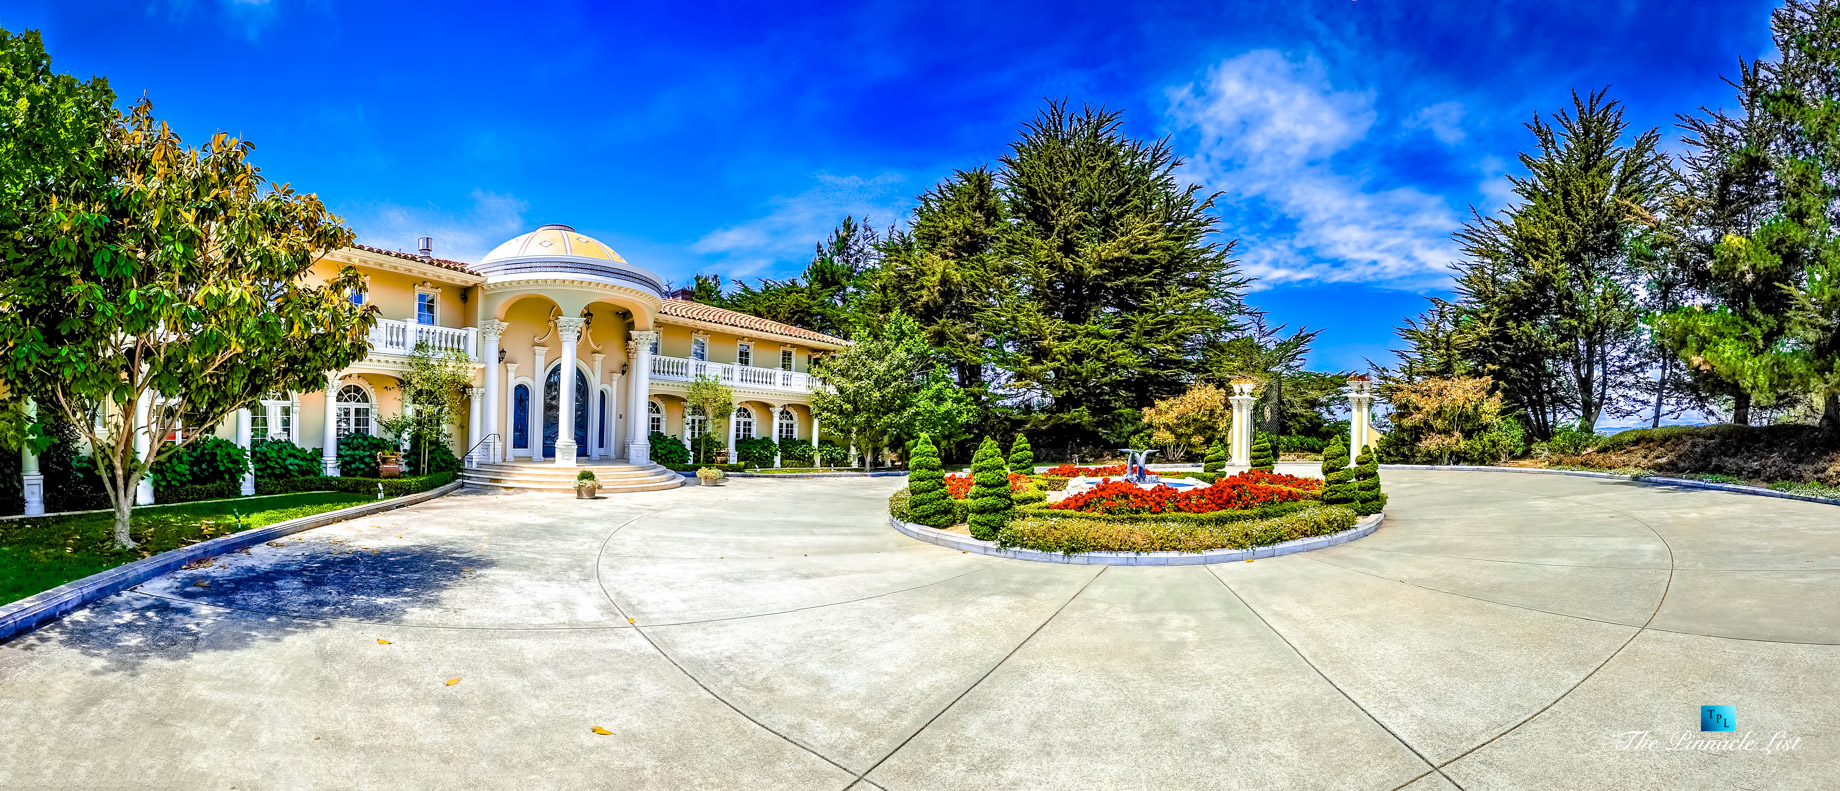 Pano - Villa Viscaya Estate - 112 Holiday Dr, La Selva Beach, CA, USA